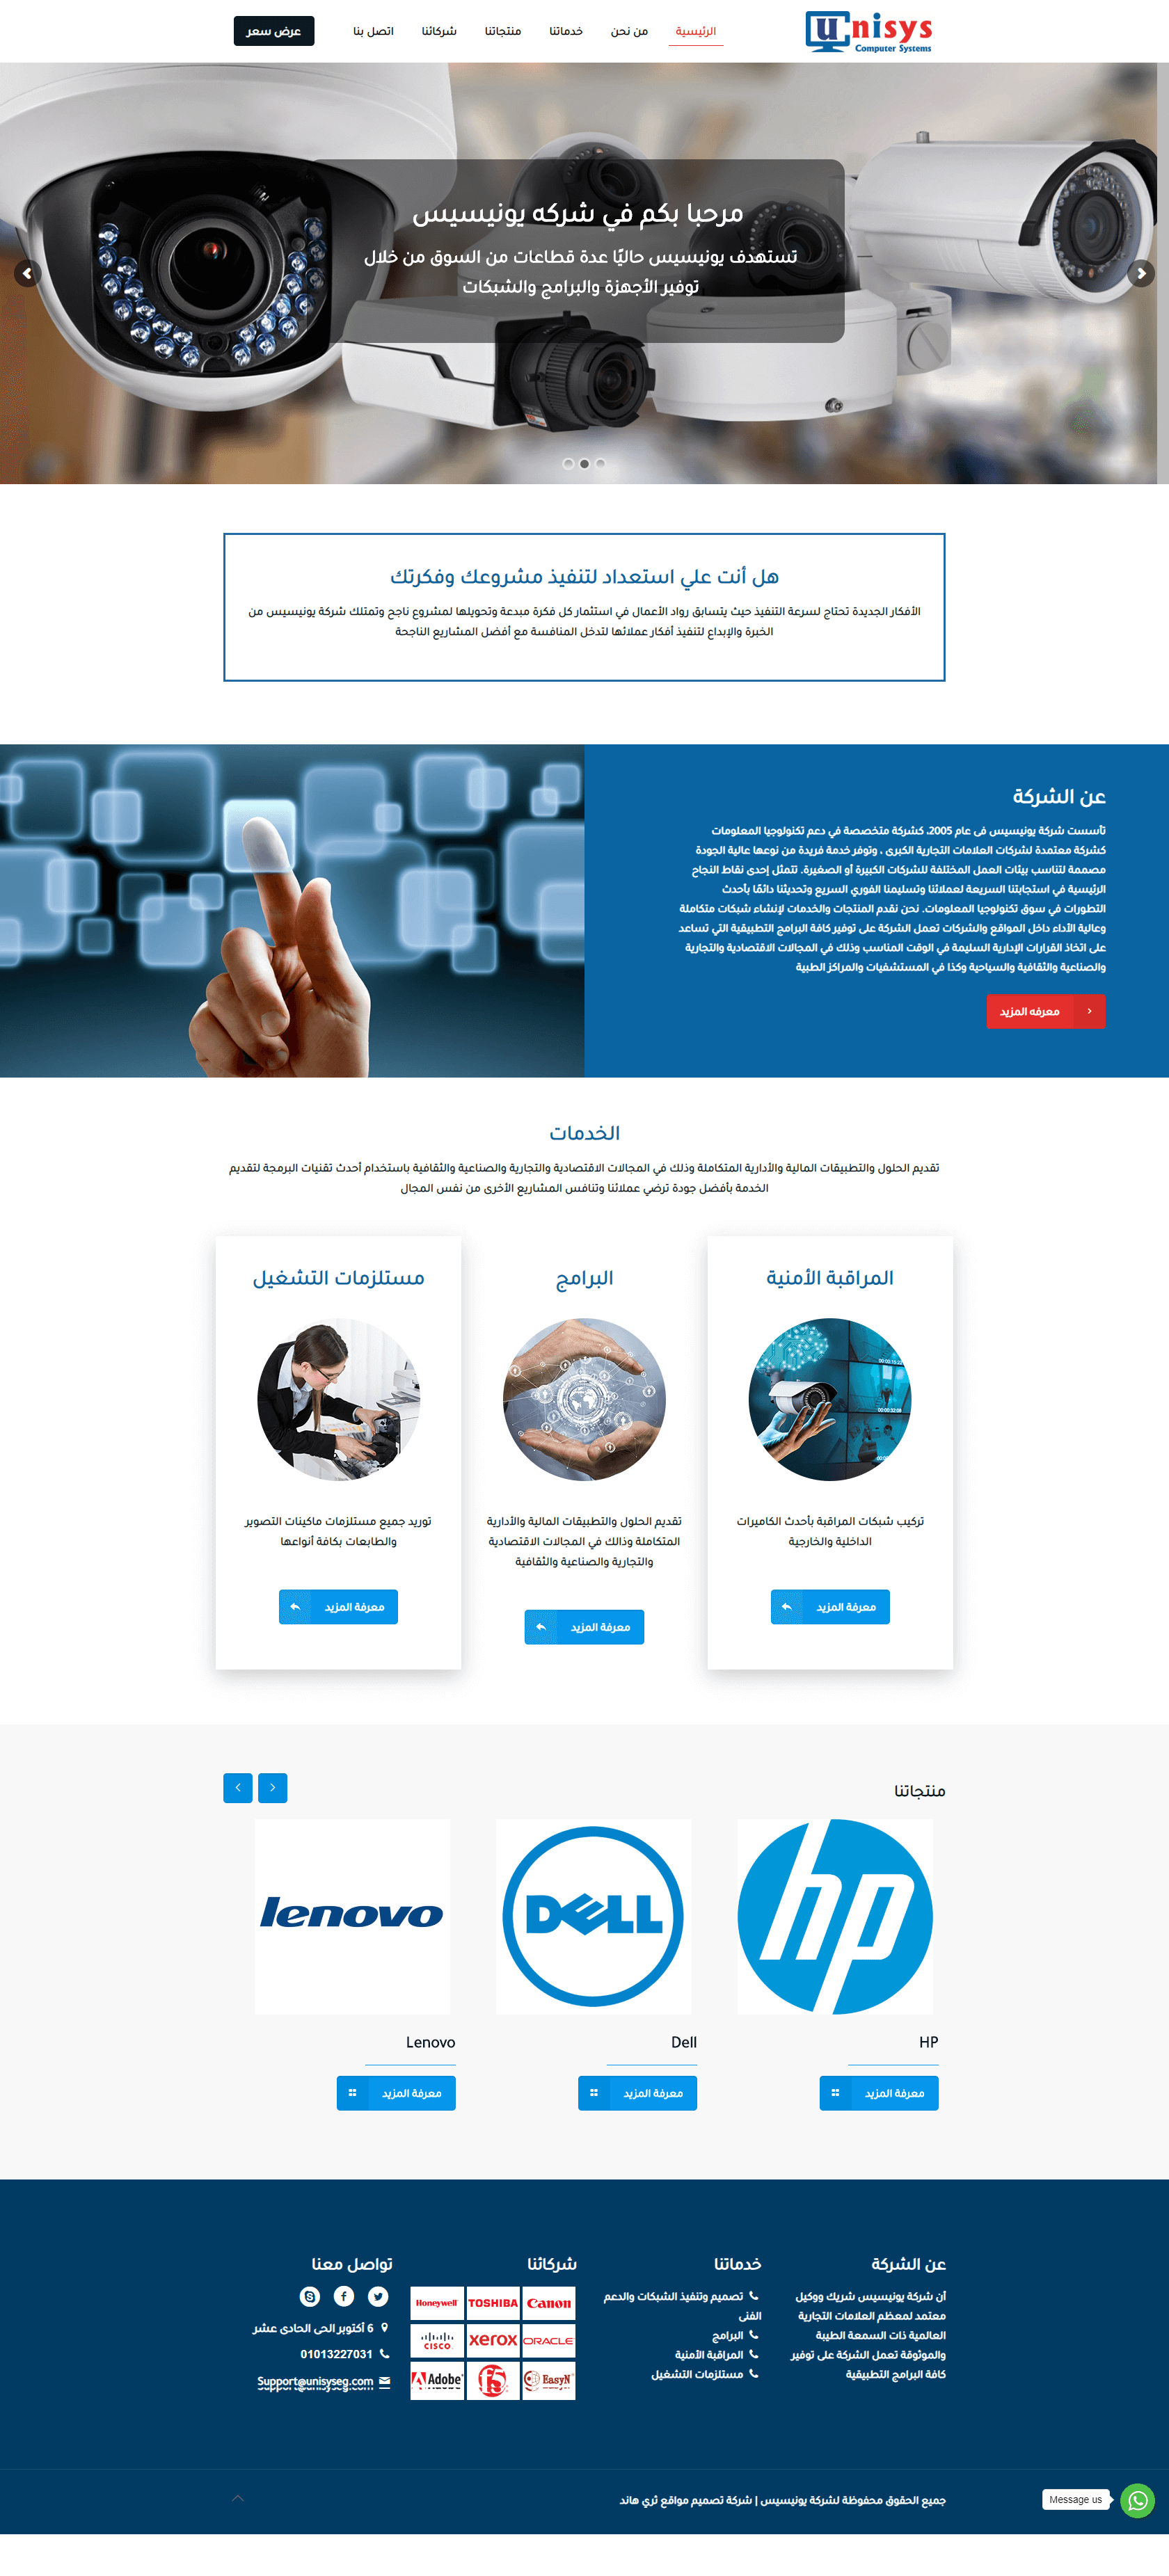 شركة-يونيسيس-–-دعم-تكنولوجيا-المعلومات-2